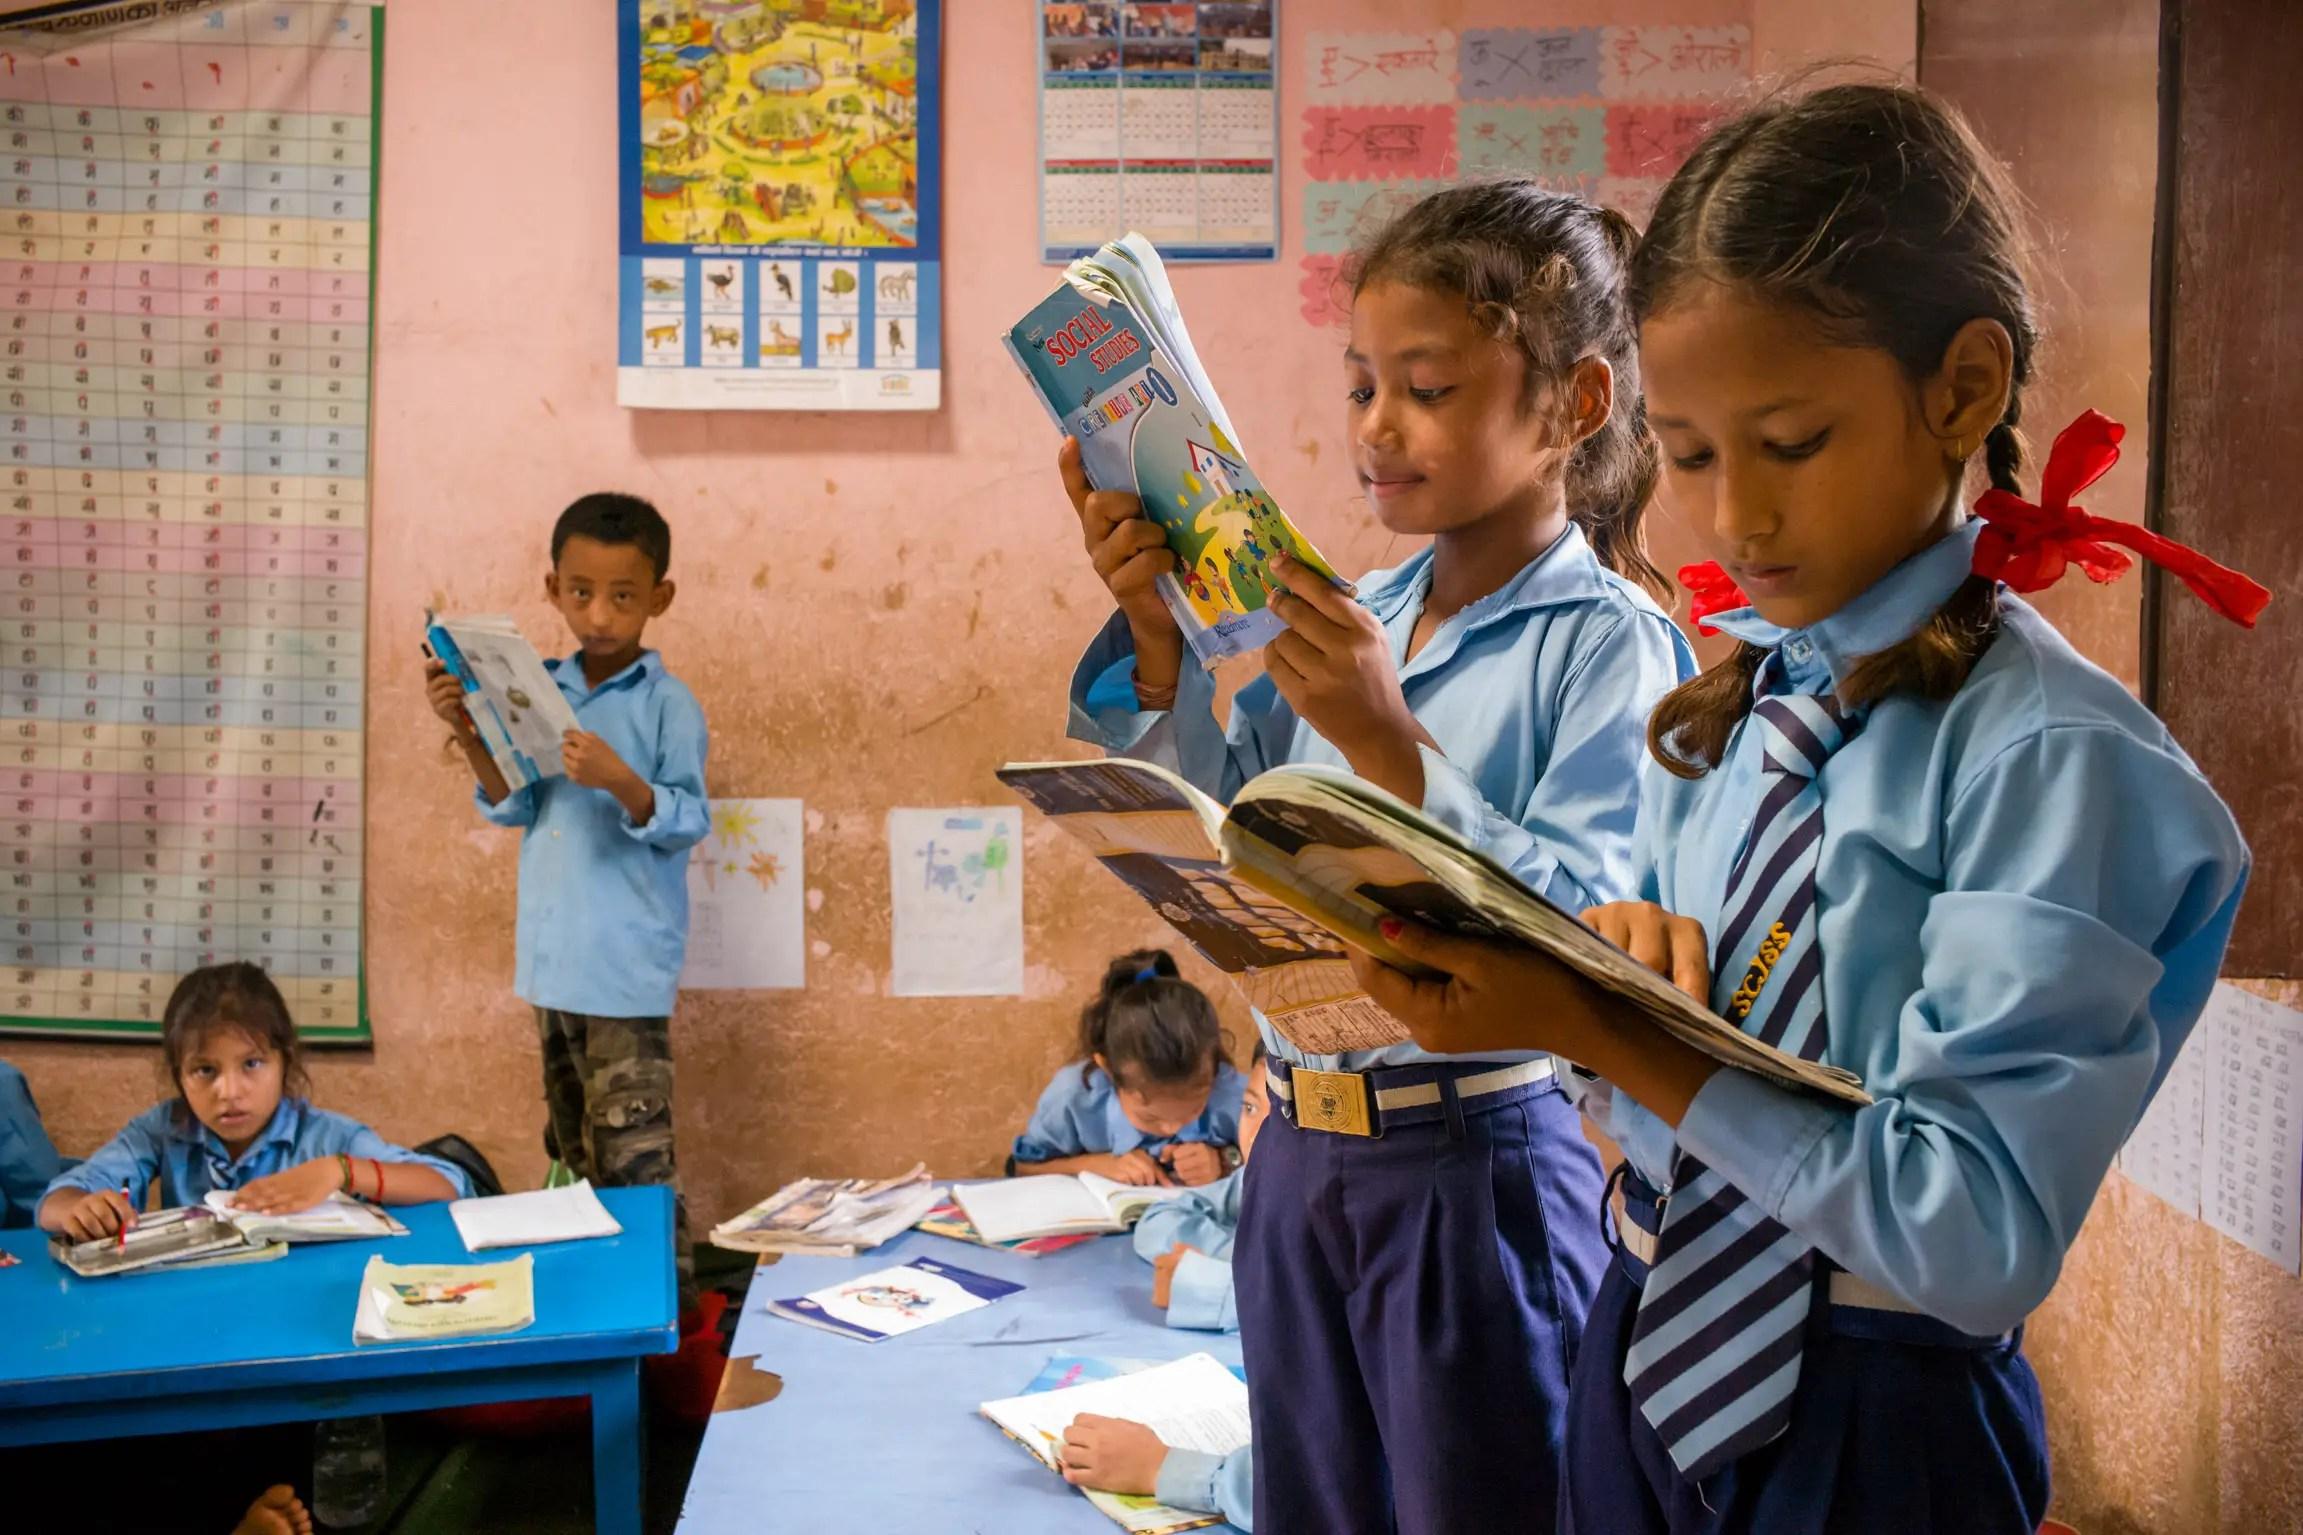 KEEN Innate x Sherpa kaufen – Bildungsprojekte in Nepal fördern